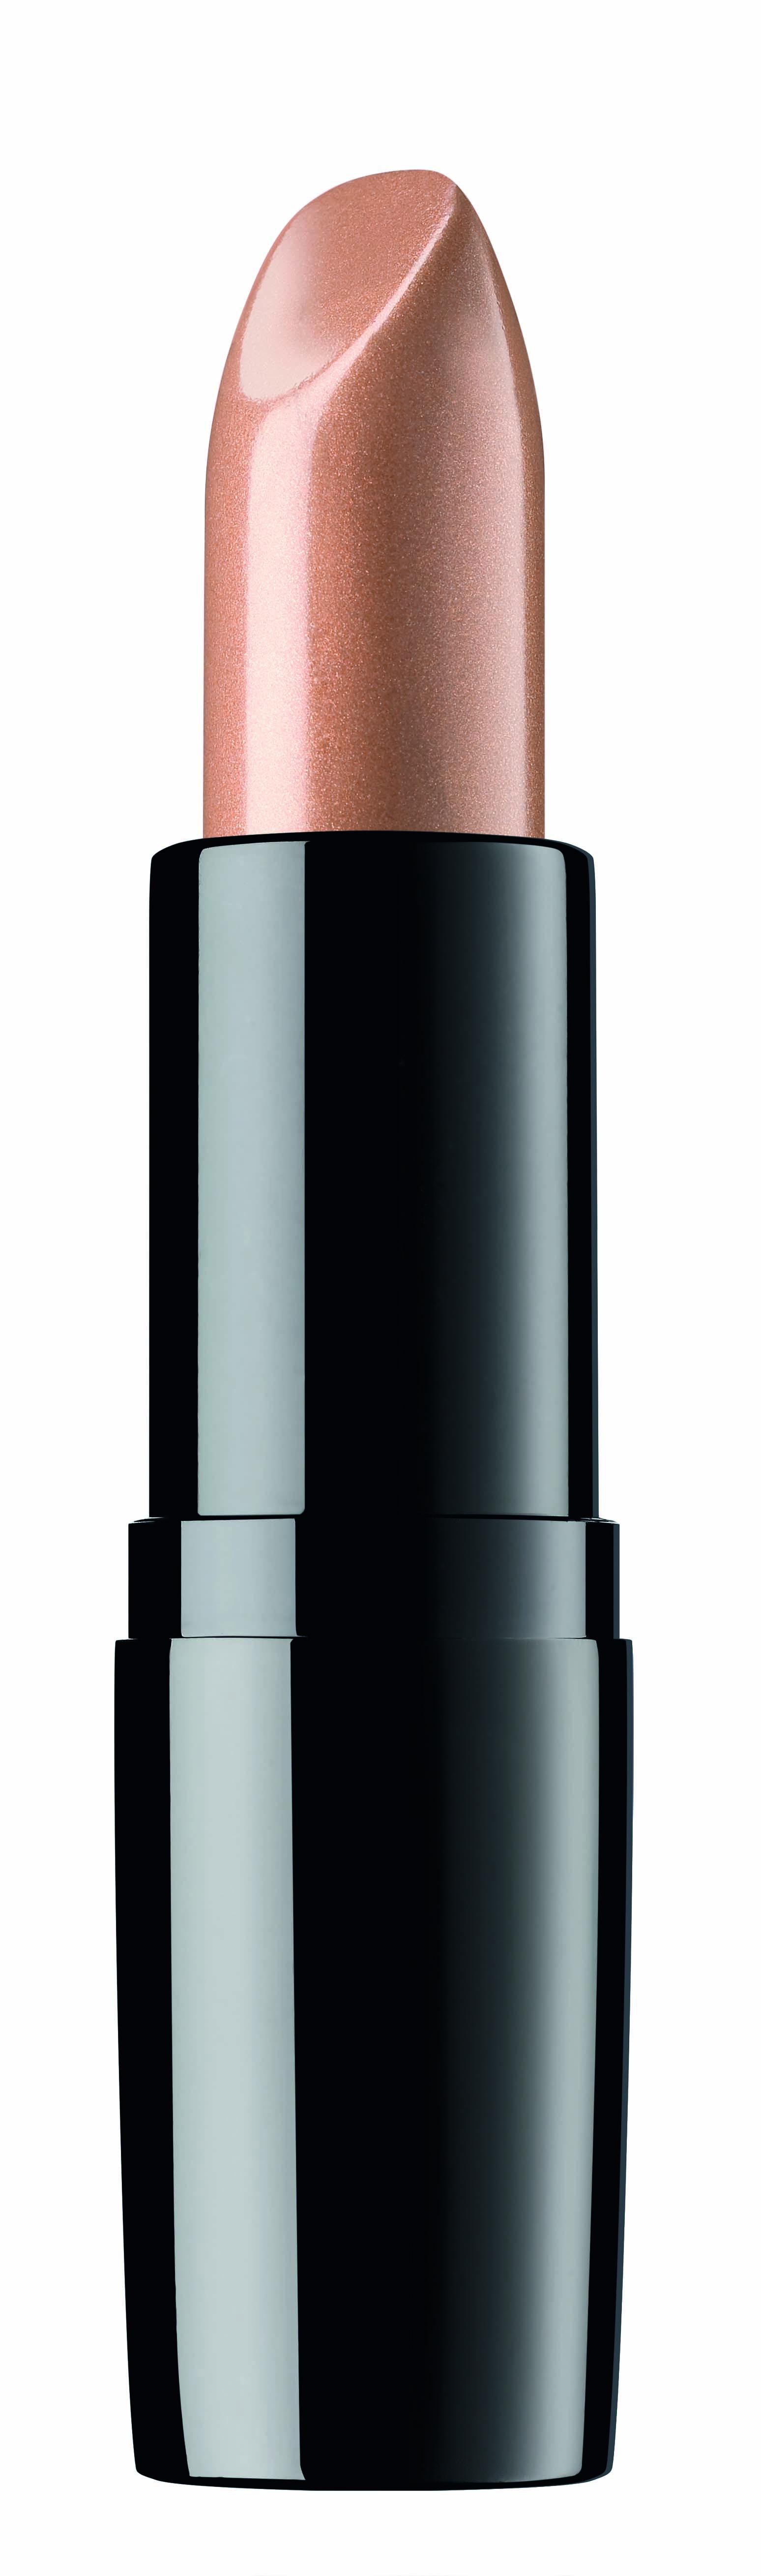 Artdeco помада для губ увлажняющая Perfect color 73А 4 г13.73AТекстура нежнейшего крема дарит несказанное удовольствие и комфорт! Помада обладает стойкостью и содержит специальные пигменты для более ровного нанесения. Ее так легко нанести, что зеркало не обязательно! Изумительный микс помады и блеска. Элегантный дизайн делает продукт изысканным.